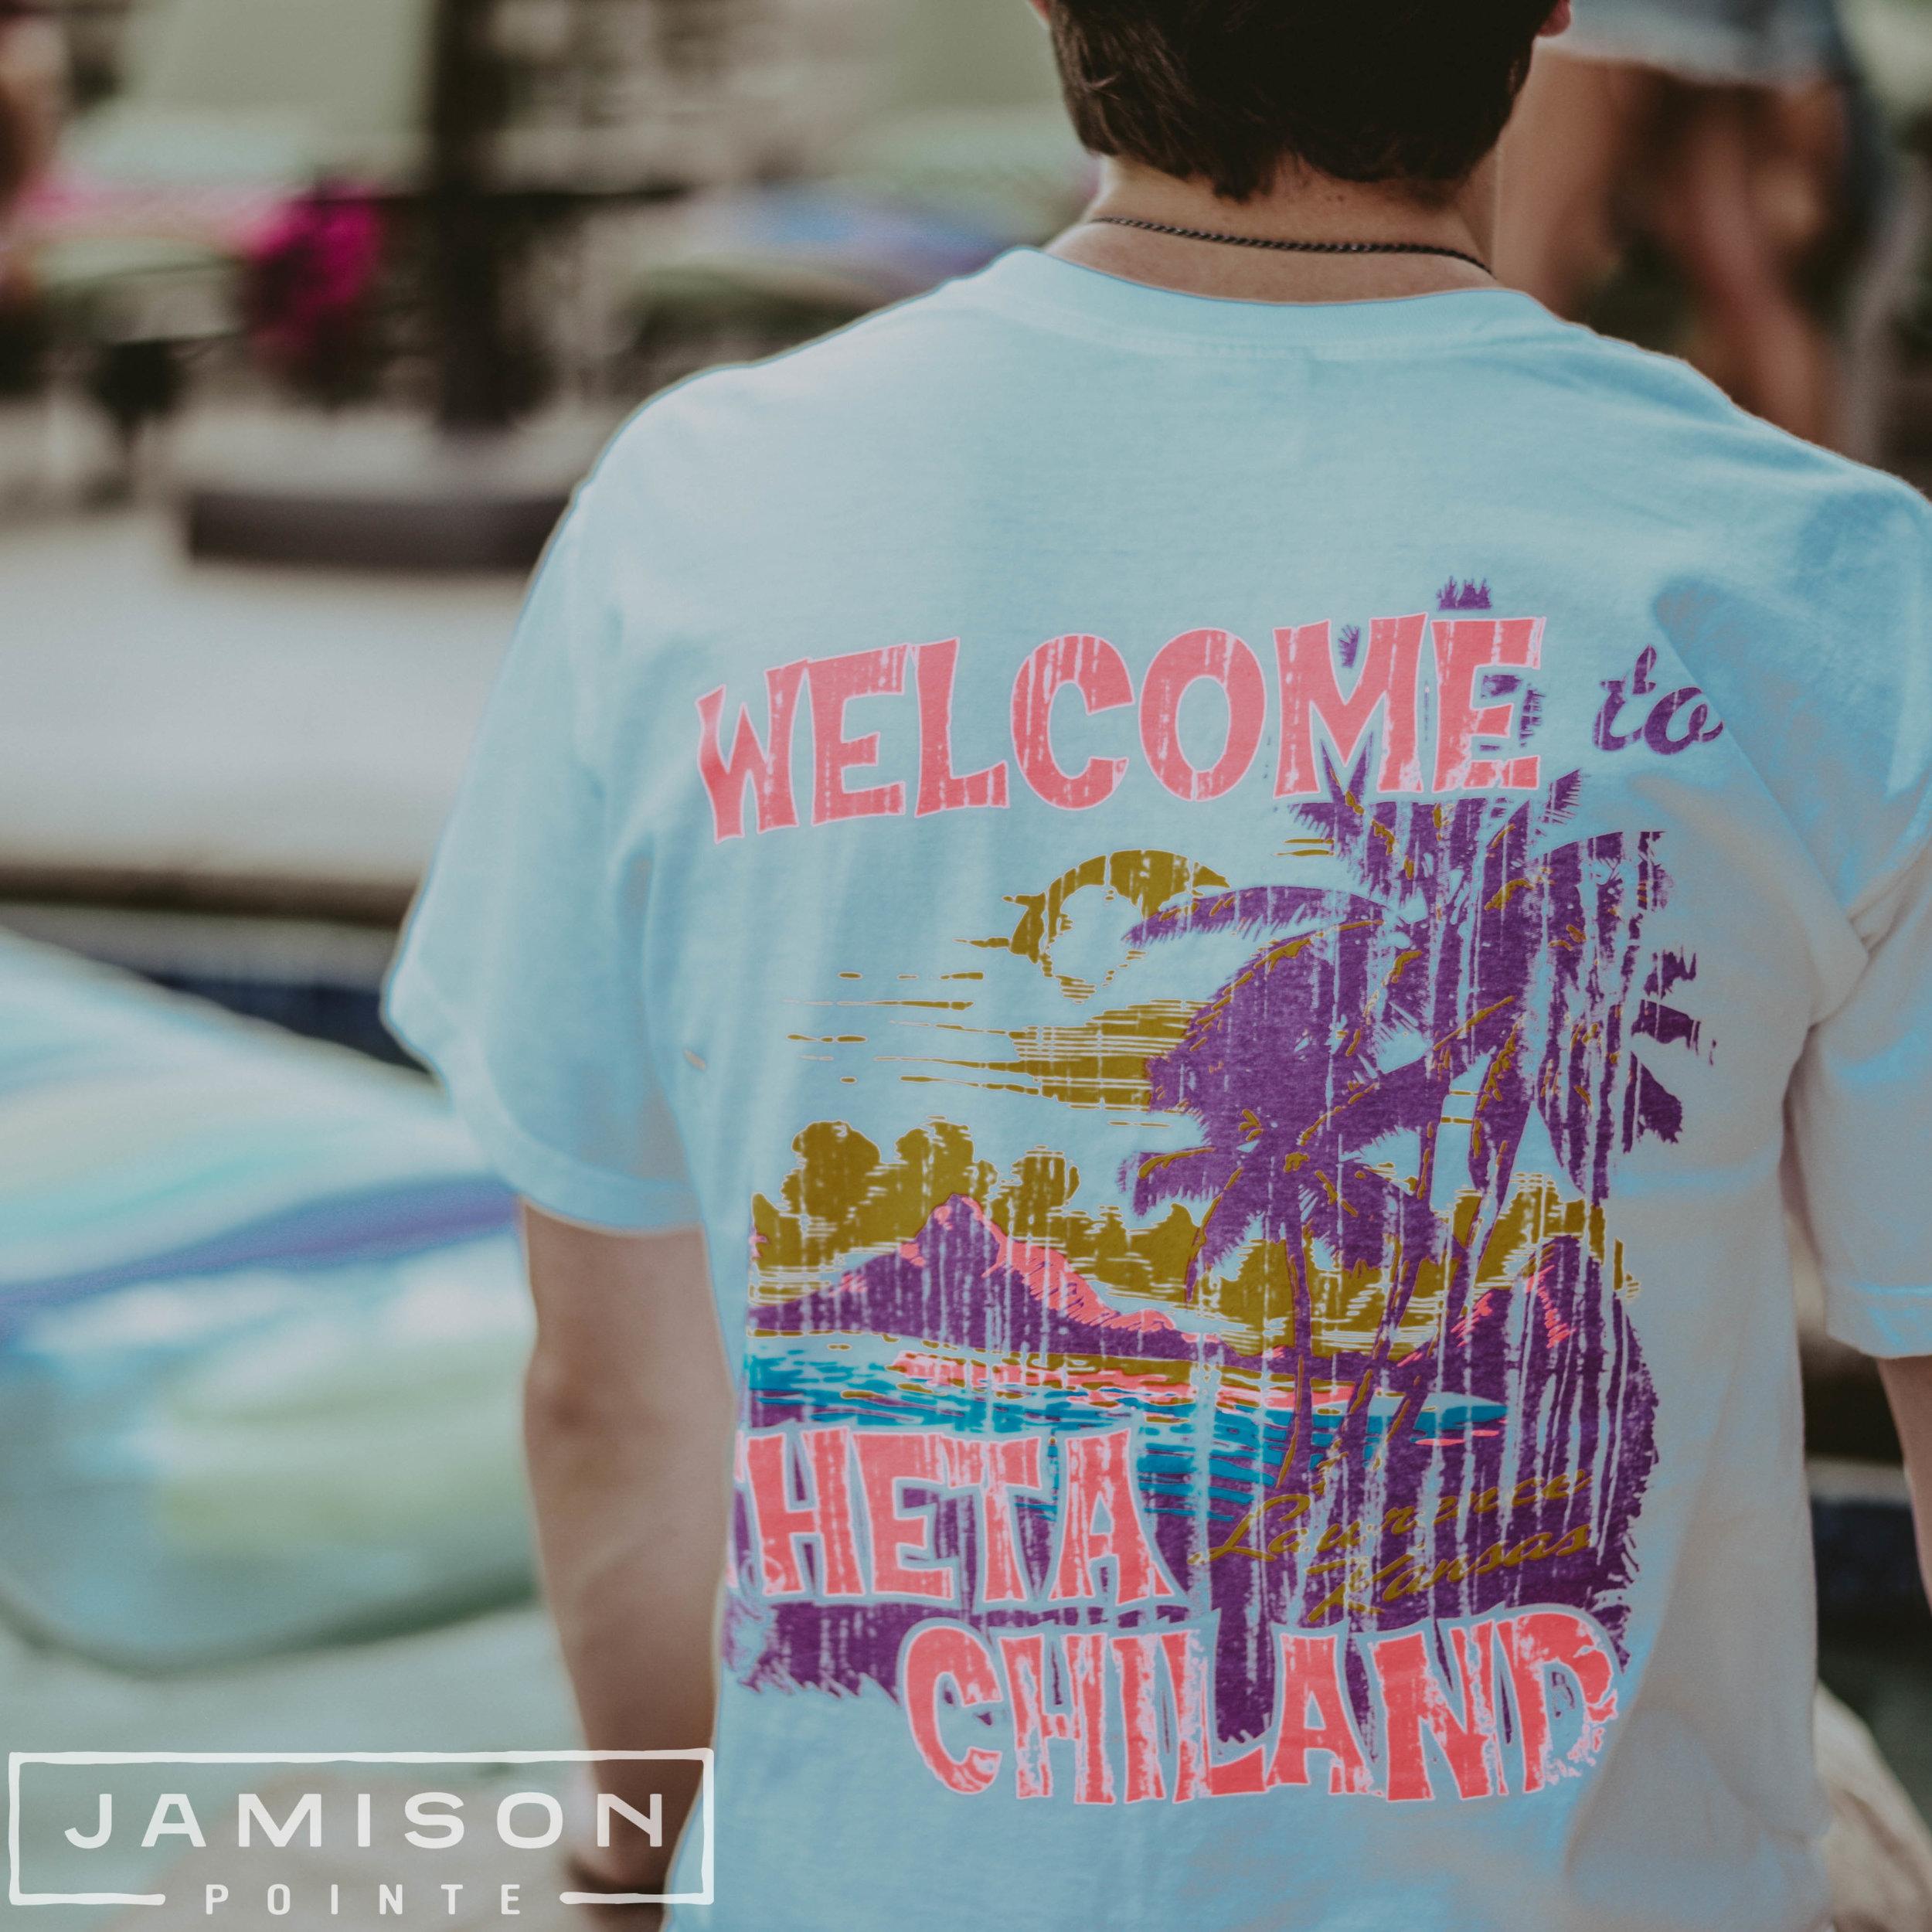 Theta Chisland Tshirt